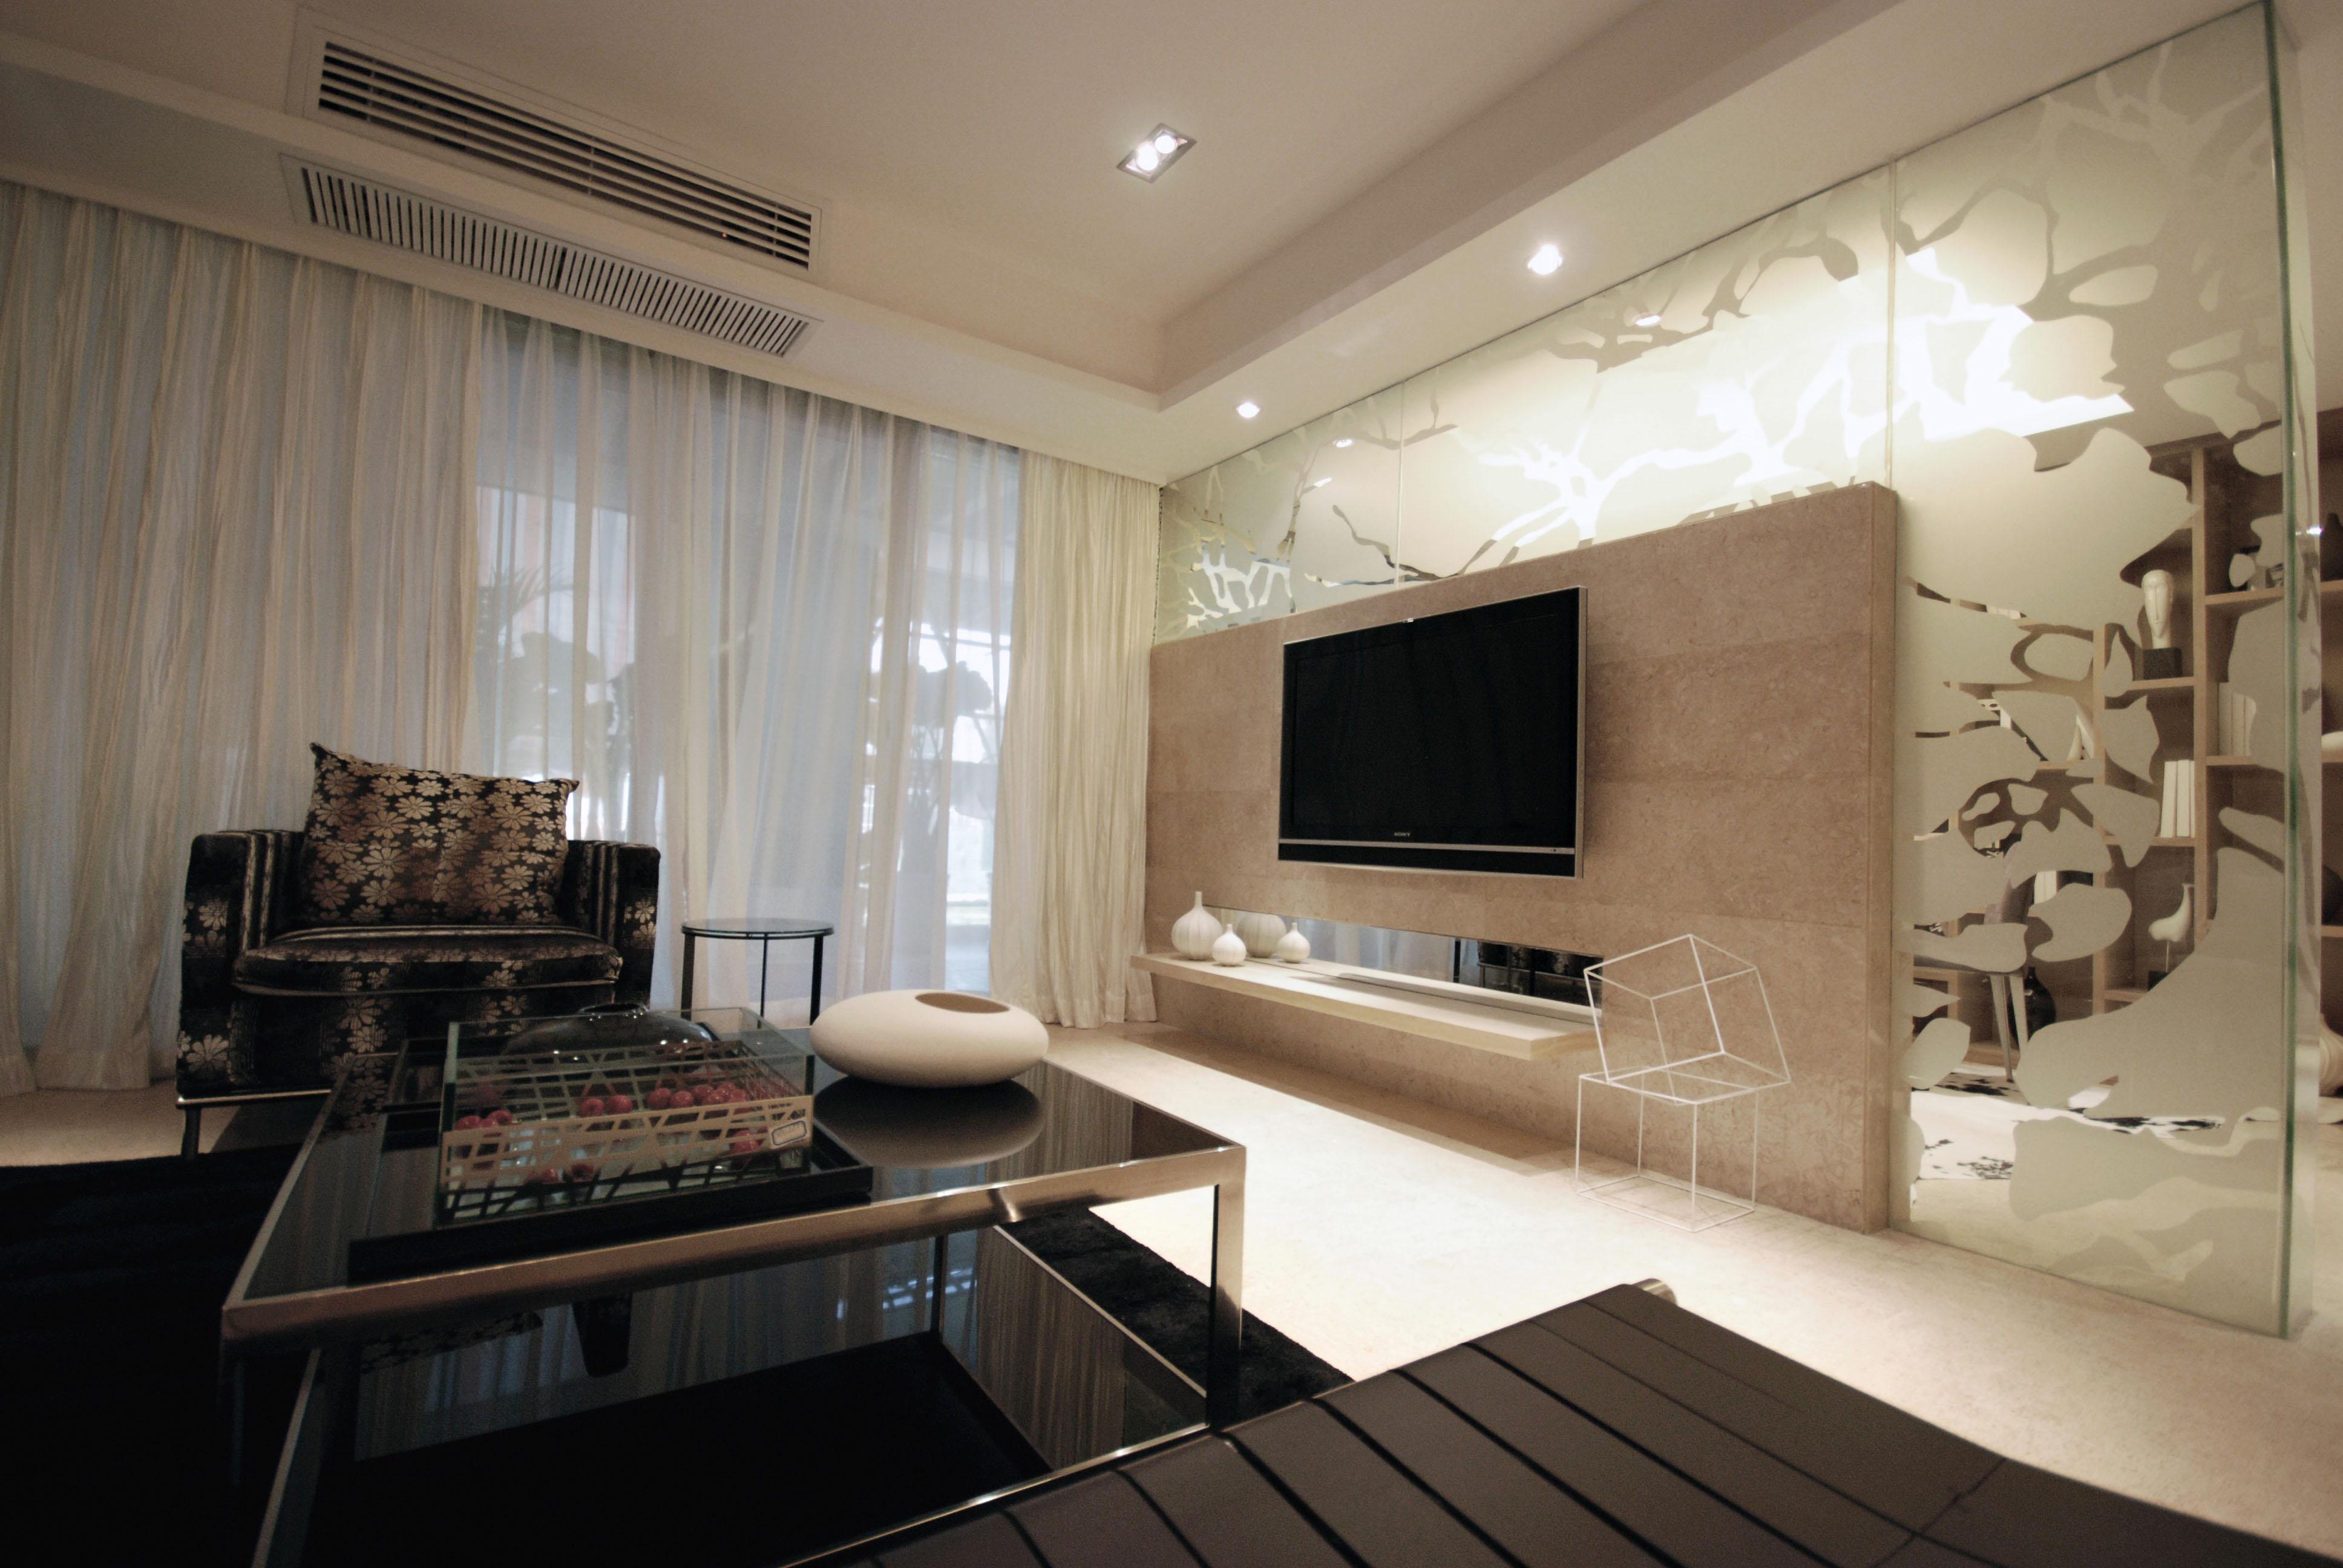 """业主需求:喜欢现代风格,想要温馨舒适的感觉。? 设计师:董平设计理念:设计的难度在于如何让感觉成稳的黄黑色调变得稍许年轻时尚点,也算是""""老调新作""""吧。从空间分隔上将客厅与书房的隔断改成一面半透明的玻璃墙围着电视柜,抽象的树枝图案不单令人联想自然,在装饰空间的同时,把客厅与书房分隔开,使二者的视线保持通畅之余,又能保持互相的独立性。在材料的选择和色彩的搭配上则更加注重各元素之间细腻微妙的变化和对比,亦或质感,亦或冷暖,亦或软硬,亦或深浅,如同一位艺术家在六面体的空间内创作一幅抽象画,作品完成后又用他的照相机欣喜地记录着这创作的点点滴滴,并苛刻着空间角度的近乎完美。在家私和饰品的选择上则"""